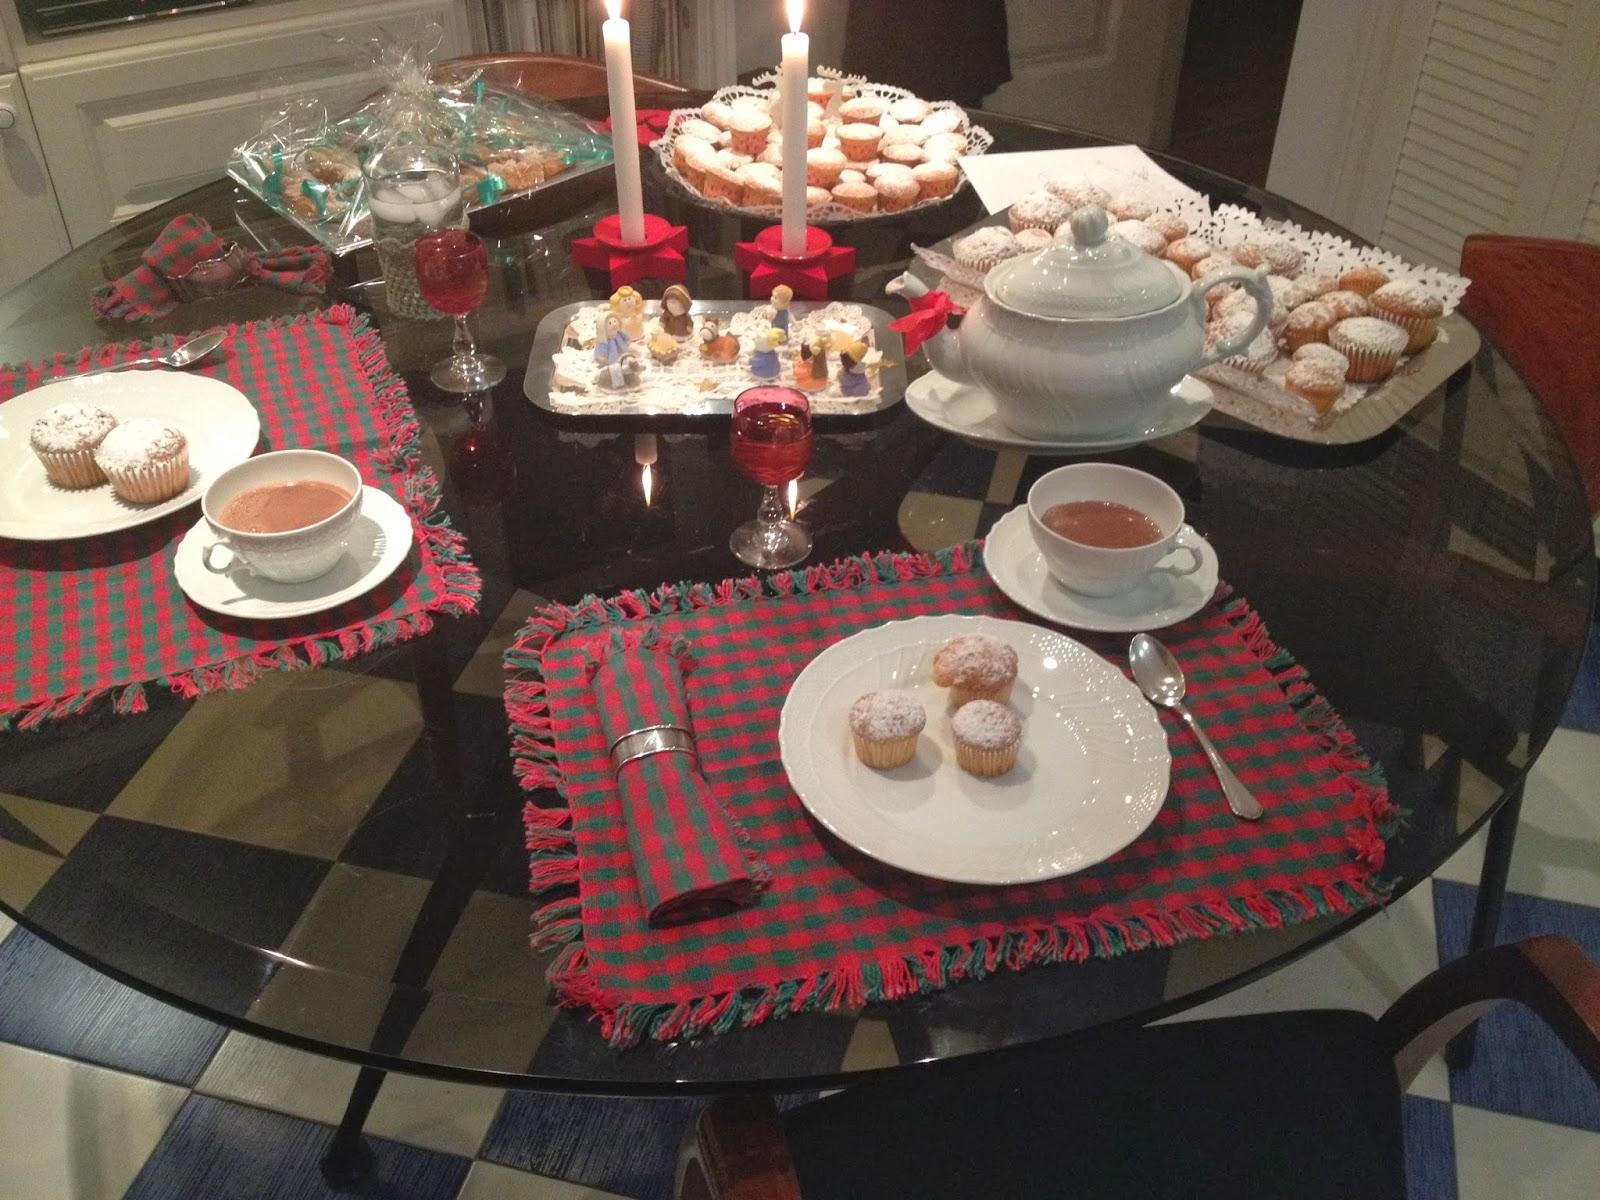 Cocina con alma recibiendo el esp ritu de la navidad - Cocina con alma ...